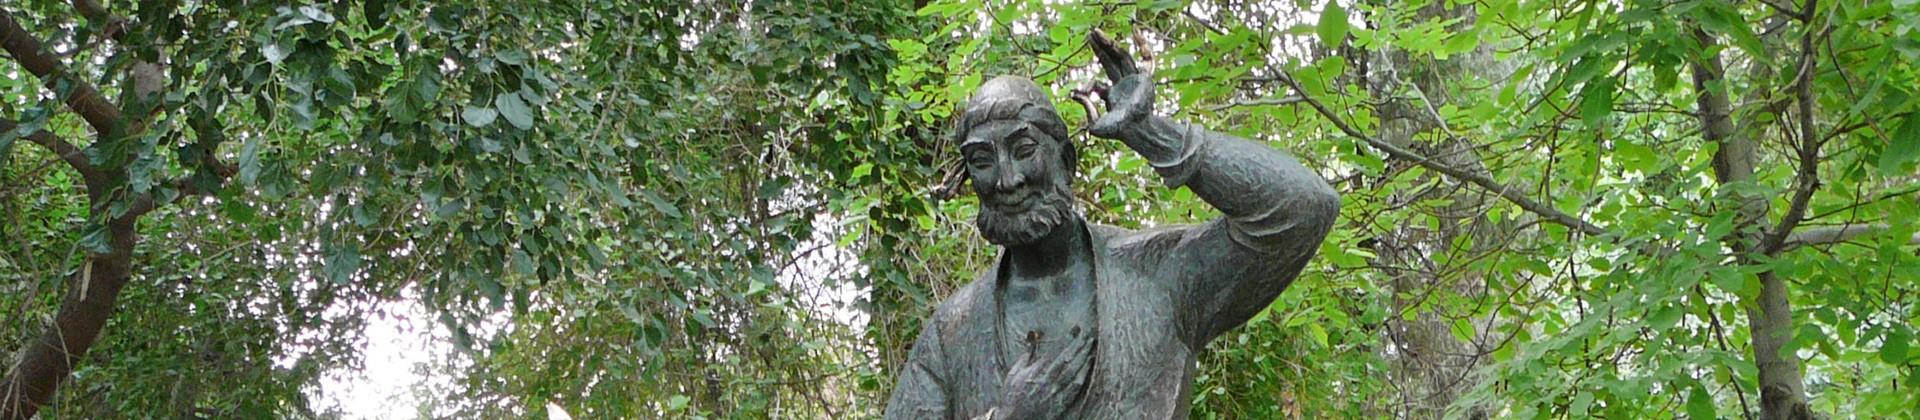 Hodja Nasreddin Monument - 1